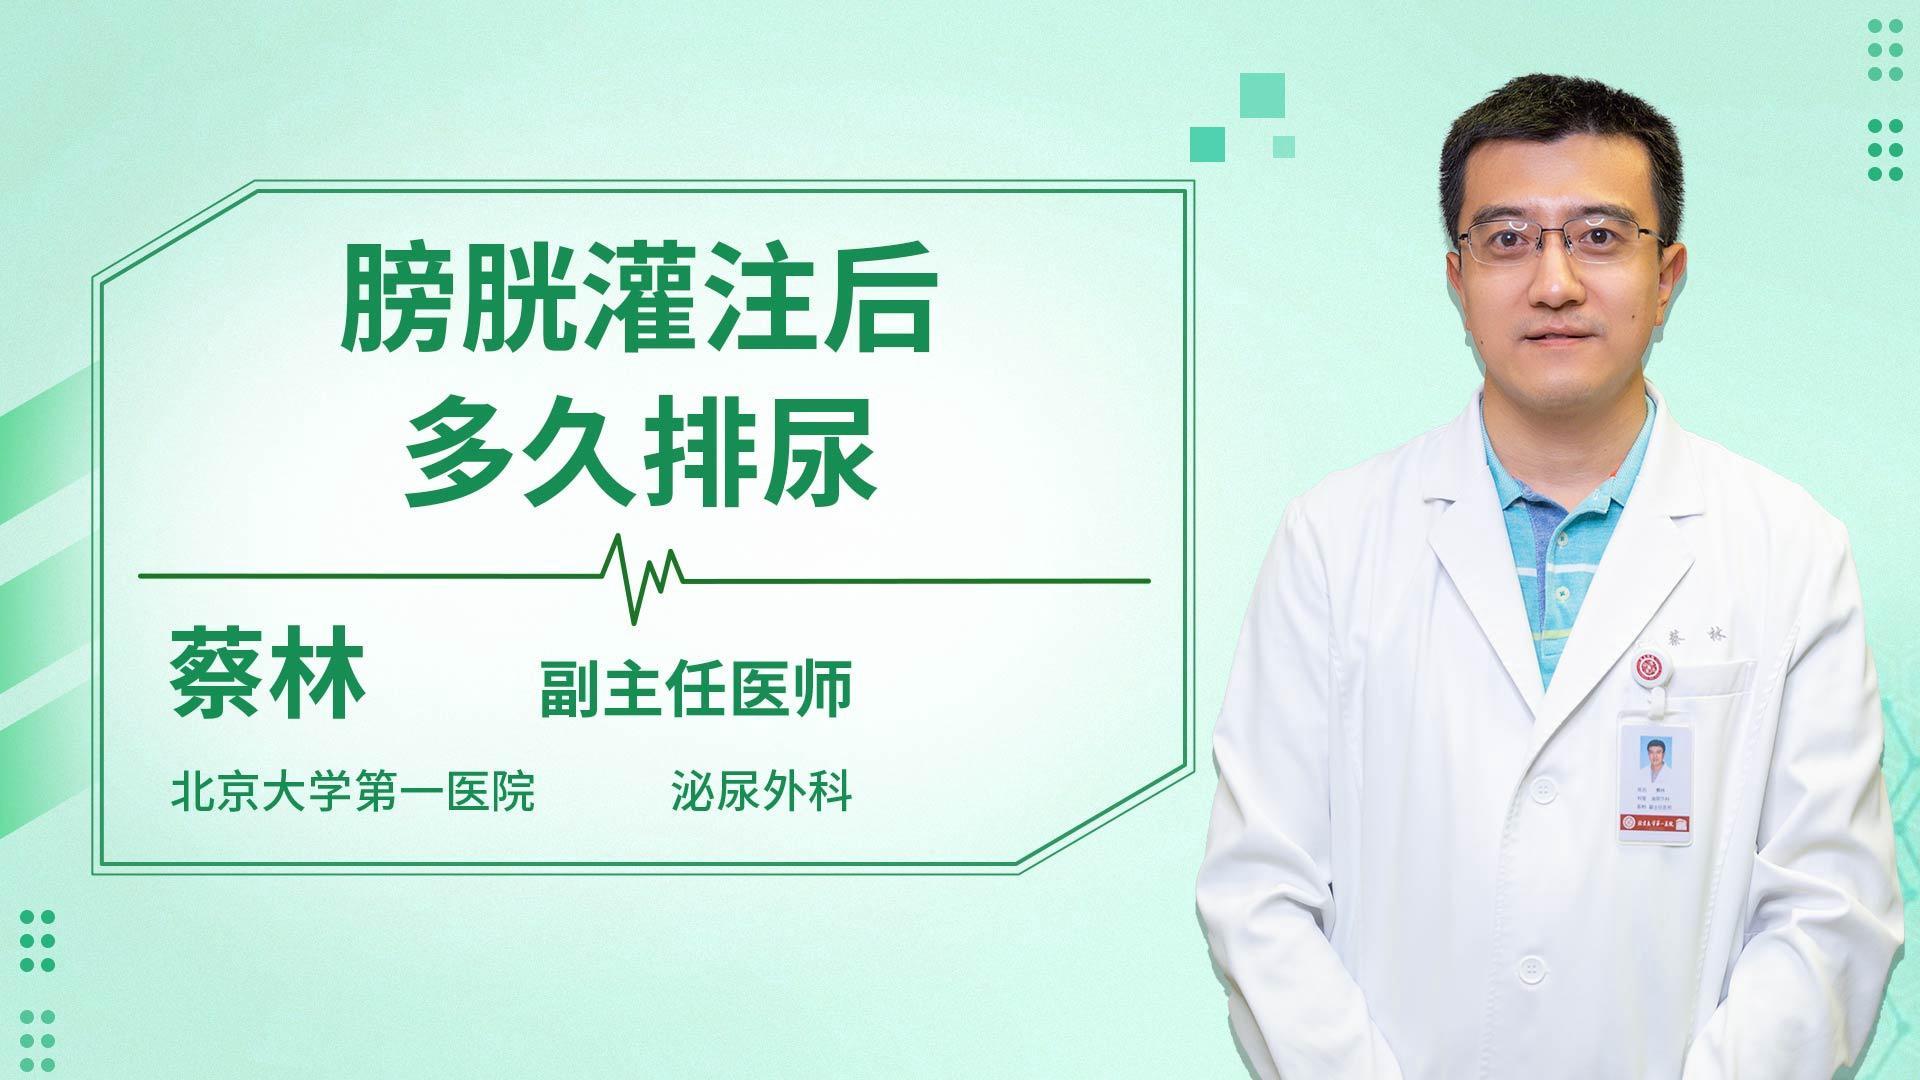 膀胱癌有良性的吗_膀胱良性肿瘤的症状_杏林普康